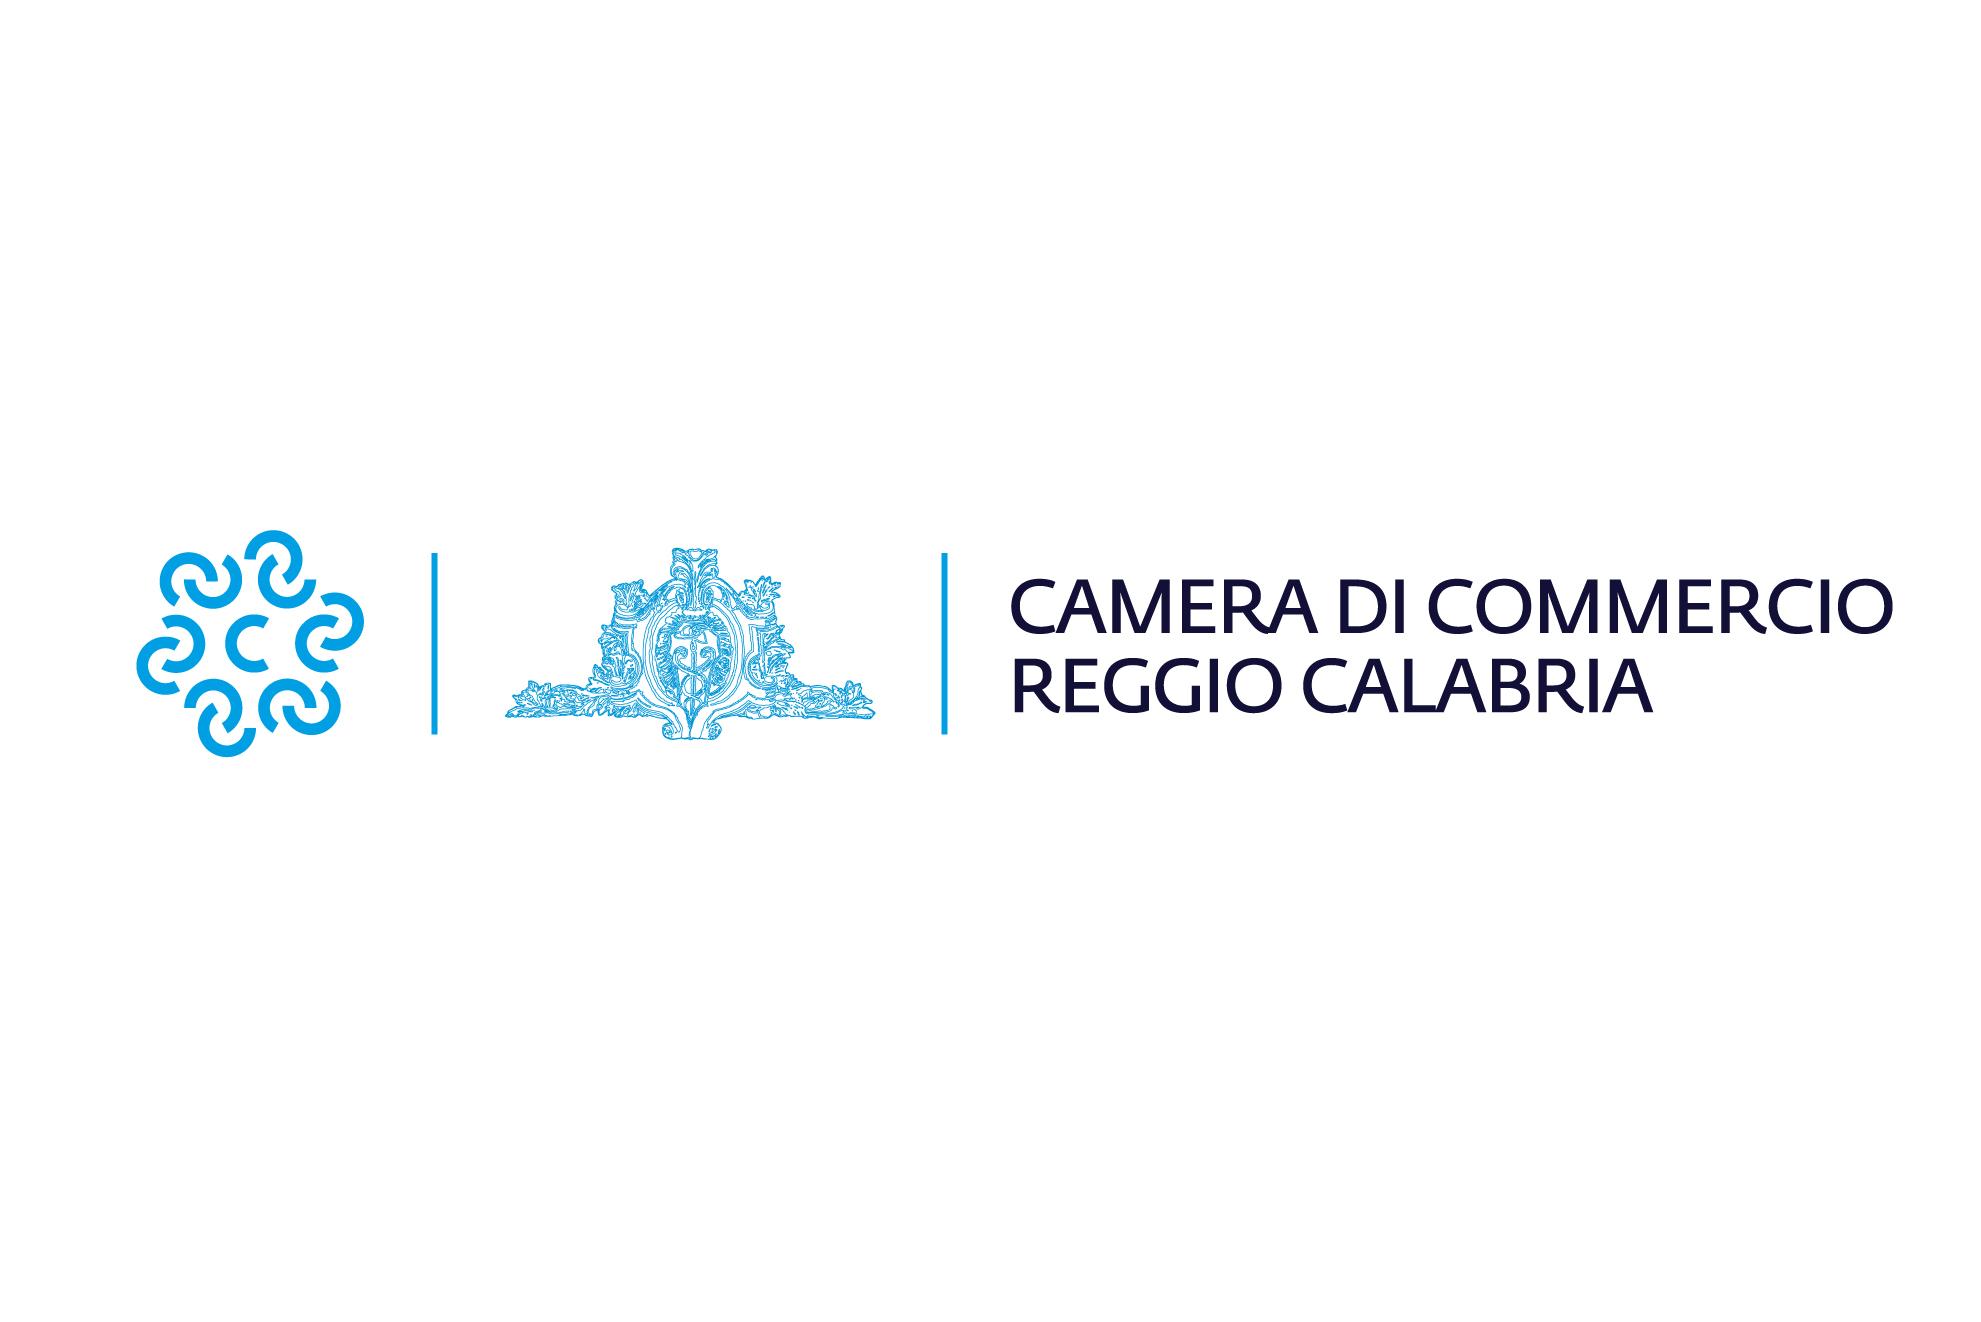 Camera di commercio di Reggio Calabria